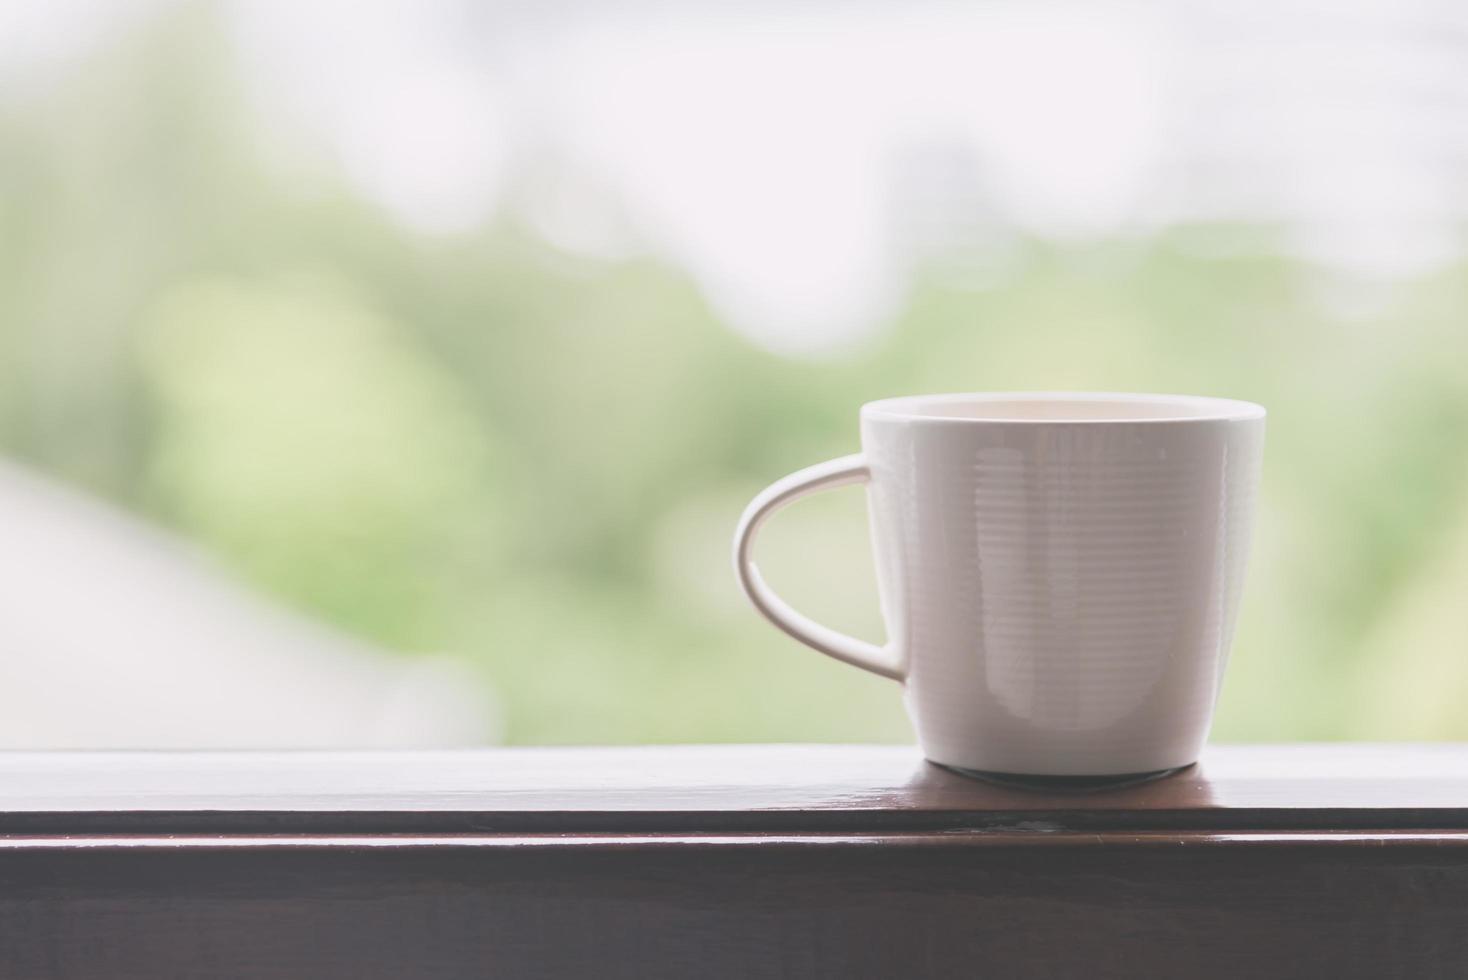 tasse à café blanche avec vue extérieure - effet filtre vintage photo